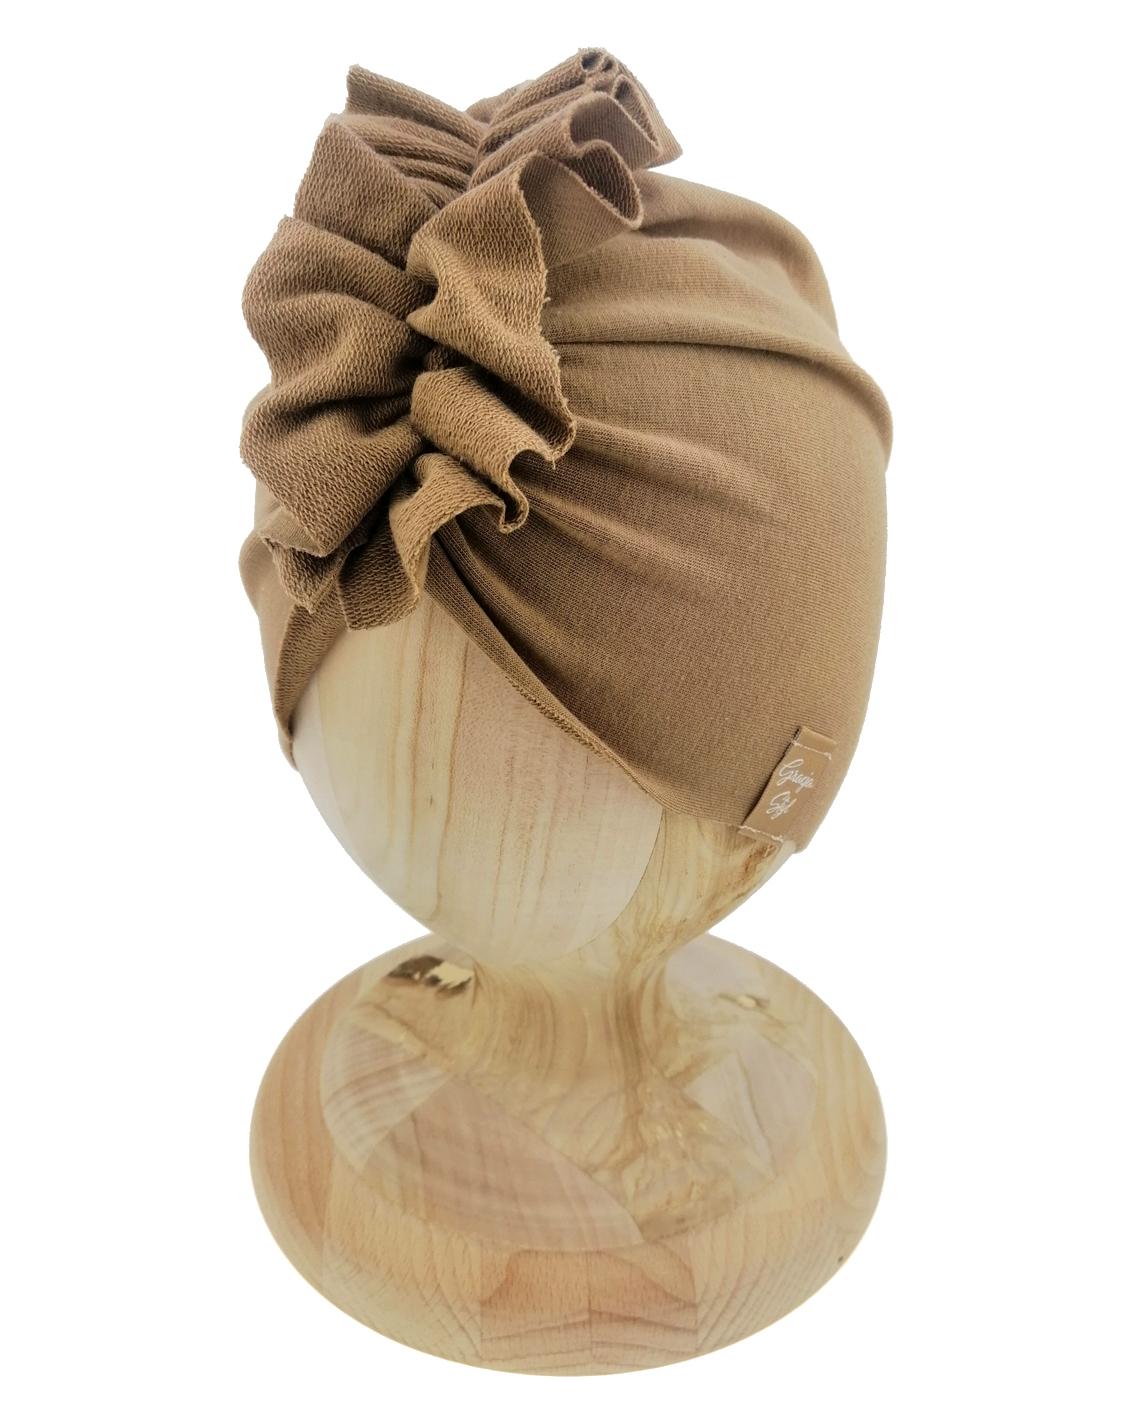 Czapka turban dziecięca marki Gracja styl. Kolor latte. Produkt polski wykonany z bawełny pętelkowej typu dresówka.